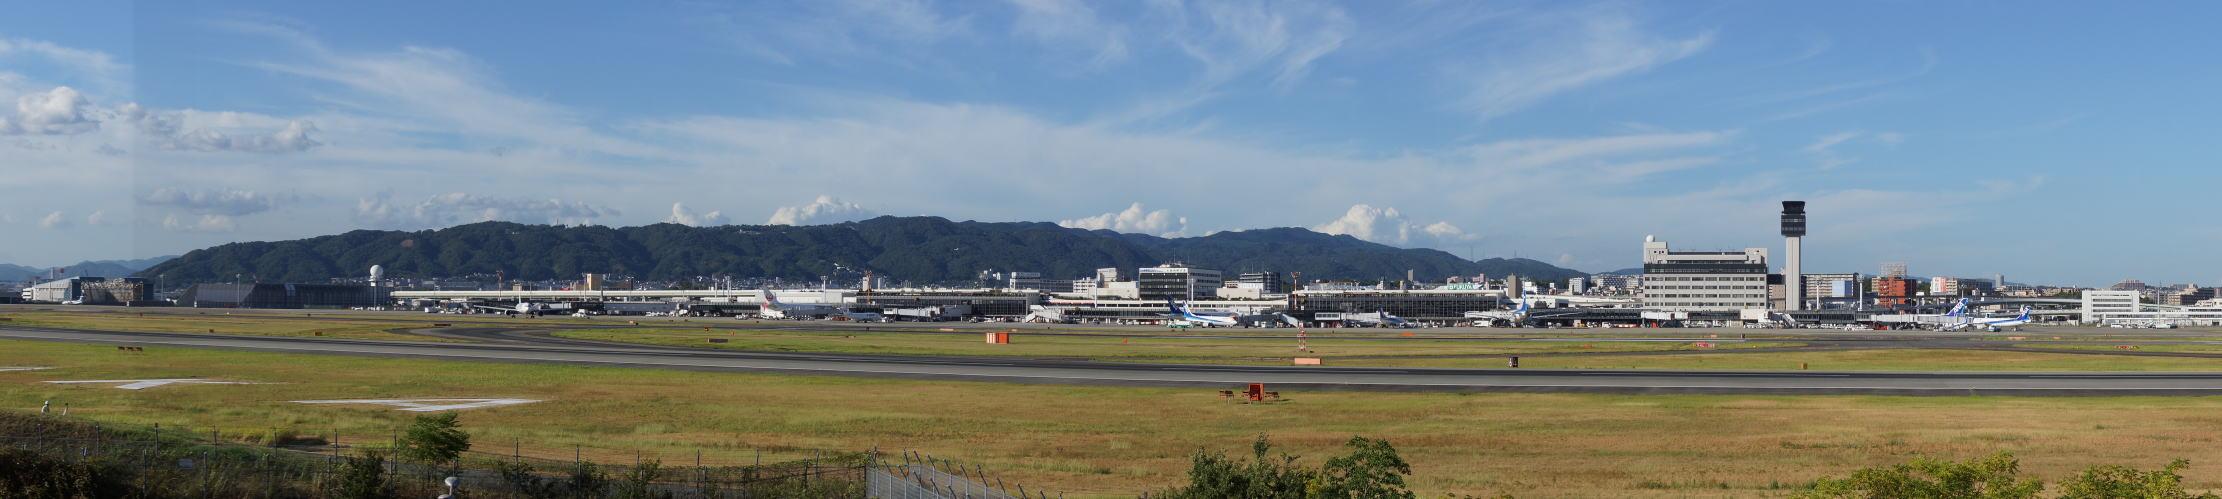 六甲山・伊丹空港 パノラマ